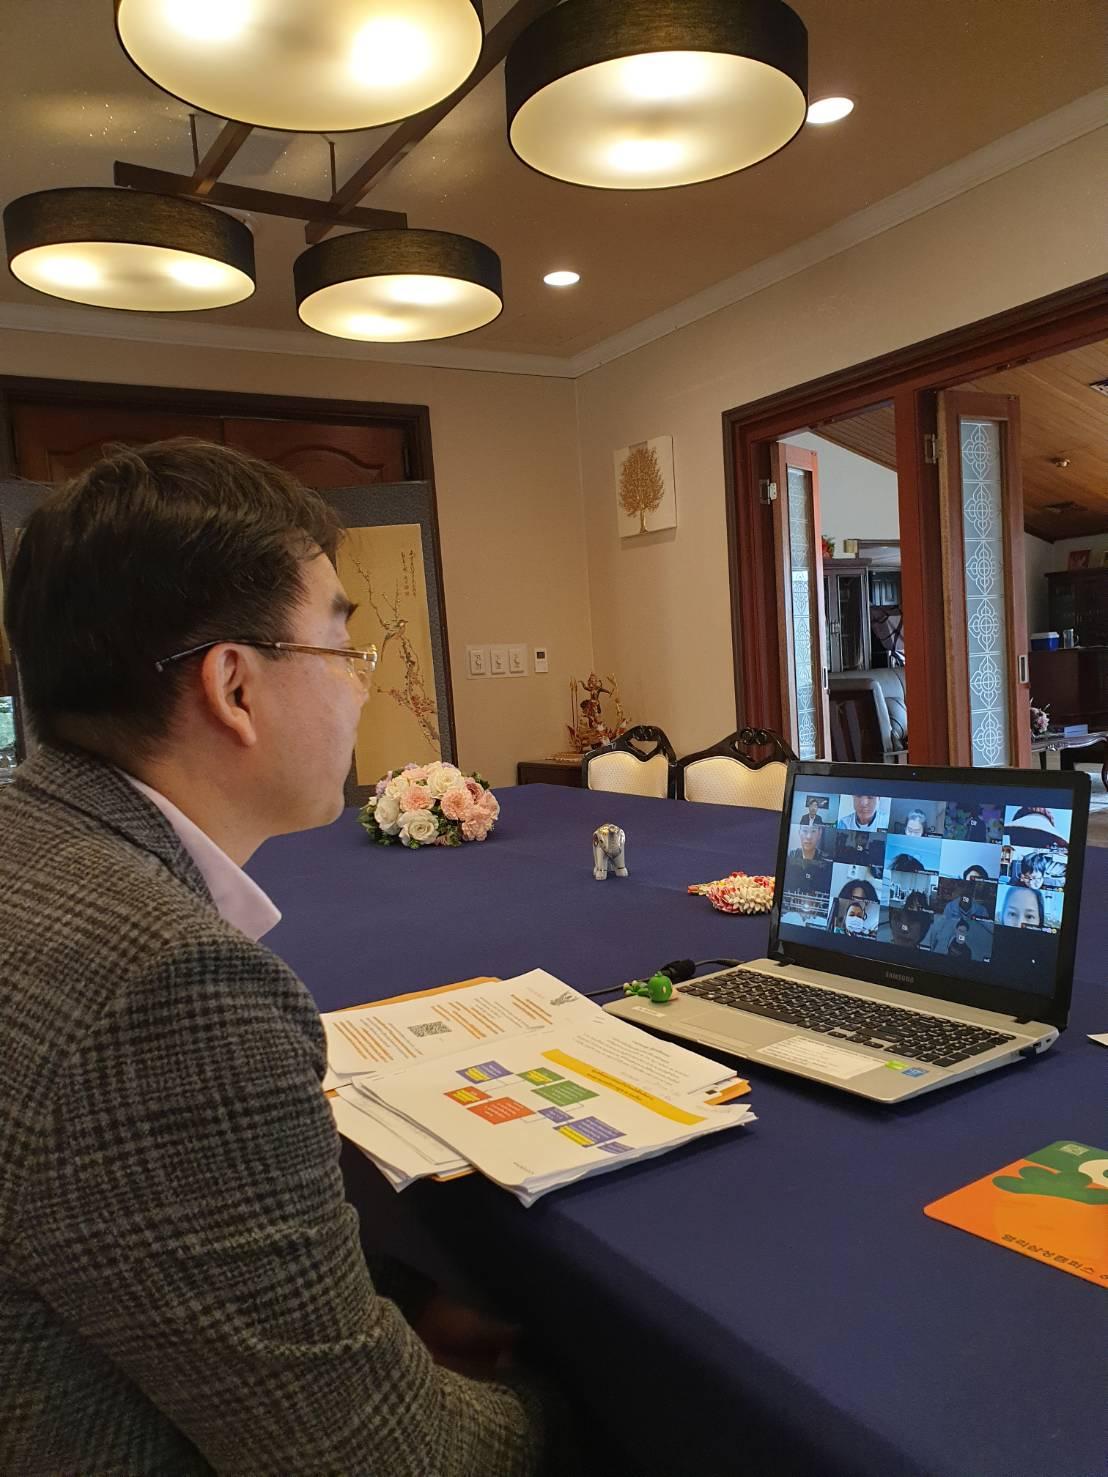 นายบัญชา ยืนยงจงเจริญ อัครราชทูต ได้บรรยายข้อมูลเรื่องการจัดคิวเดินทางกลับประเทศไทย และการจองคิวทำหนังสือเดินทาง